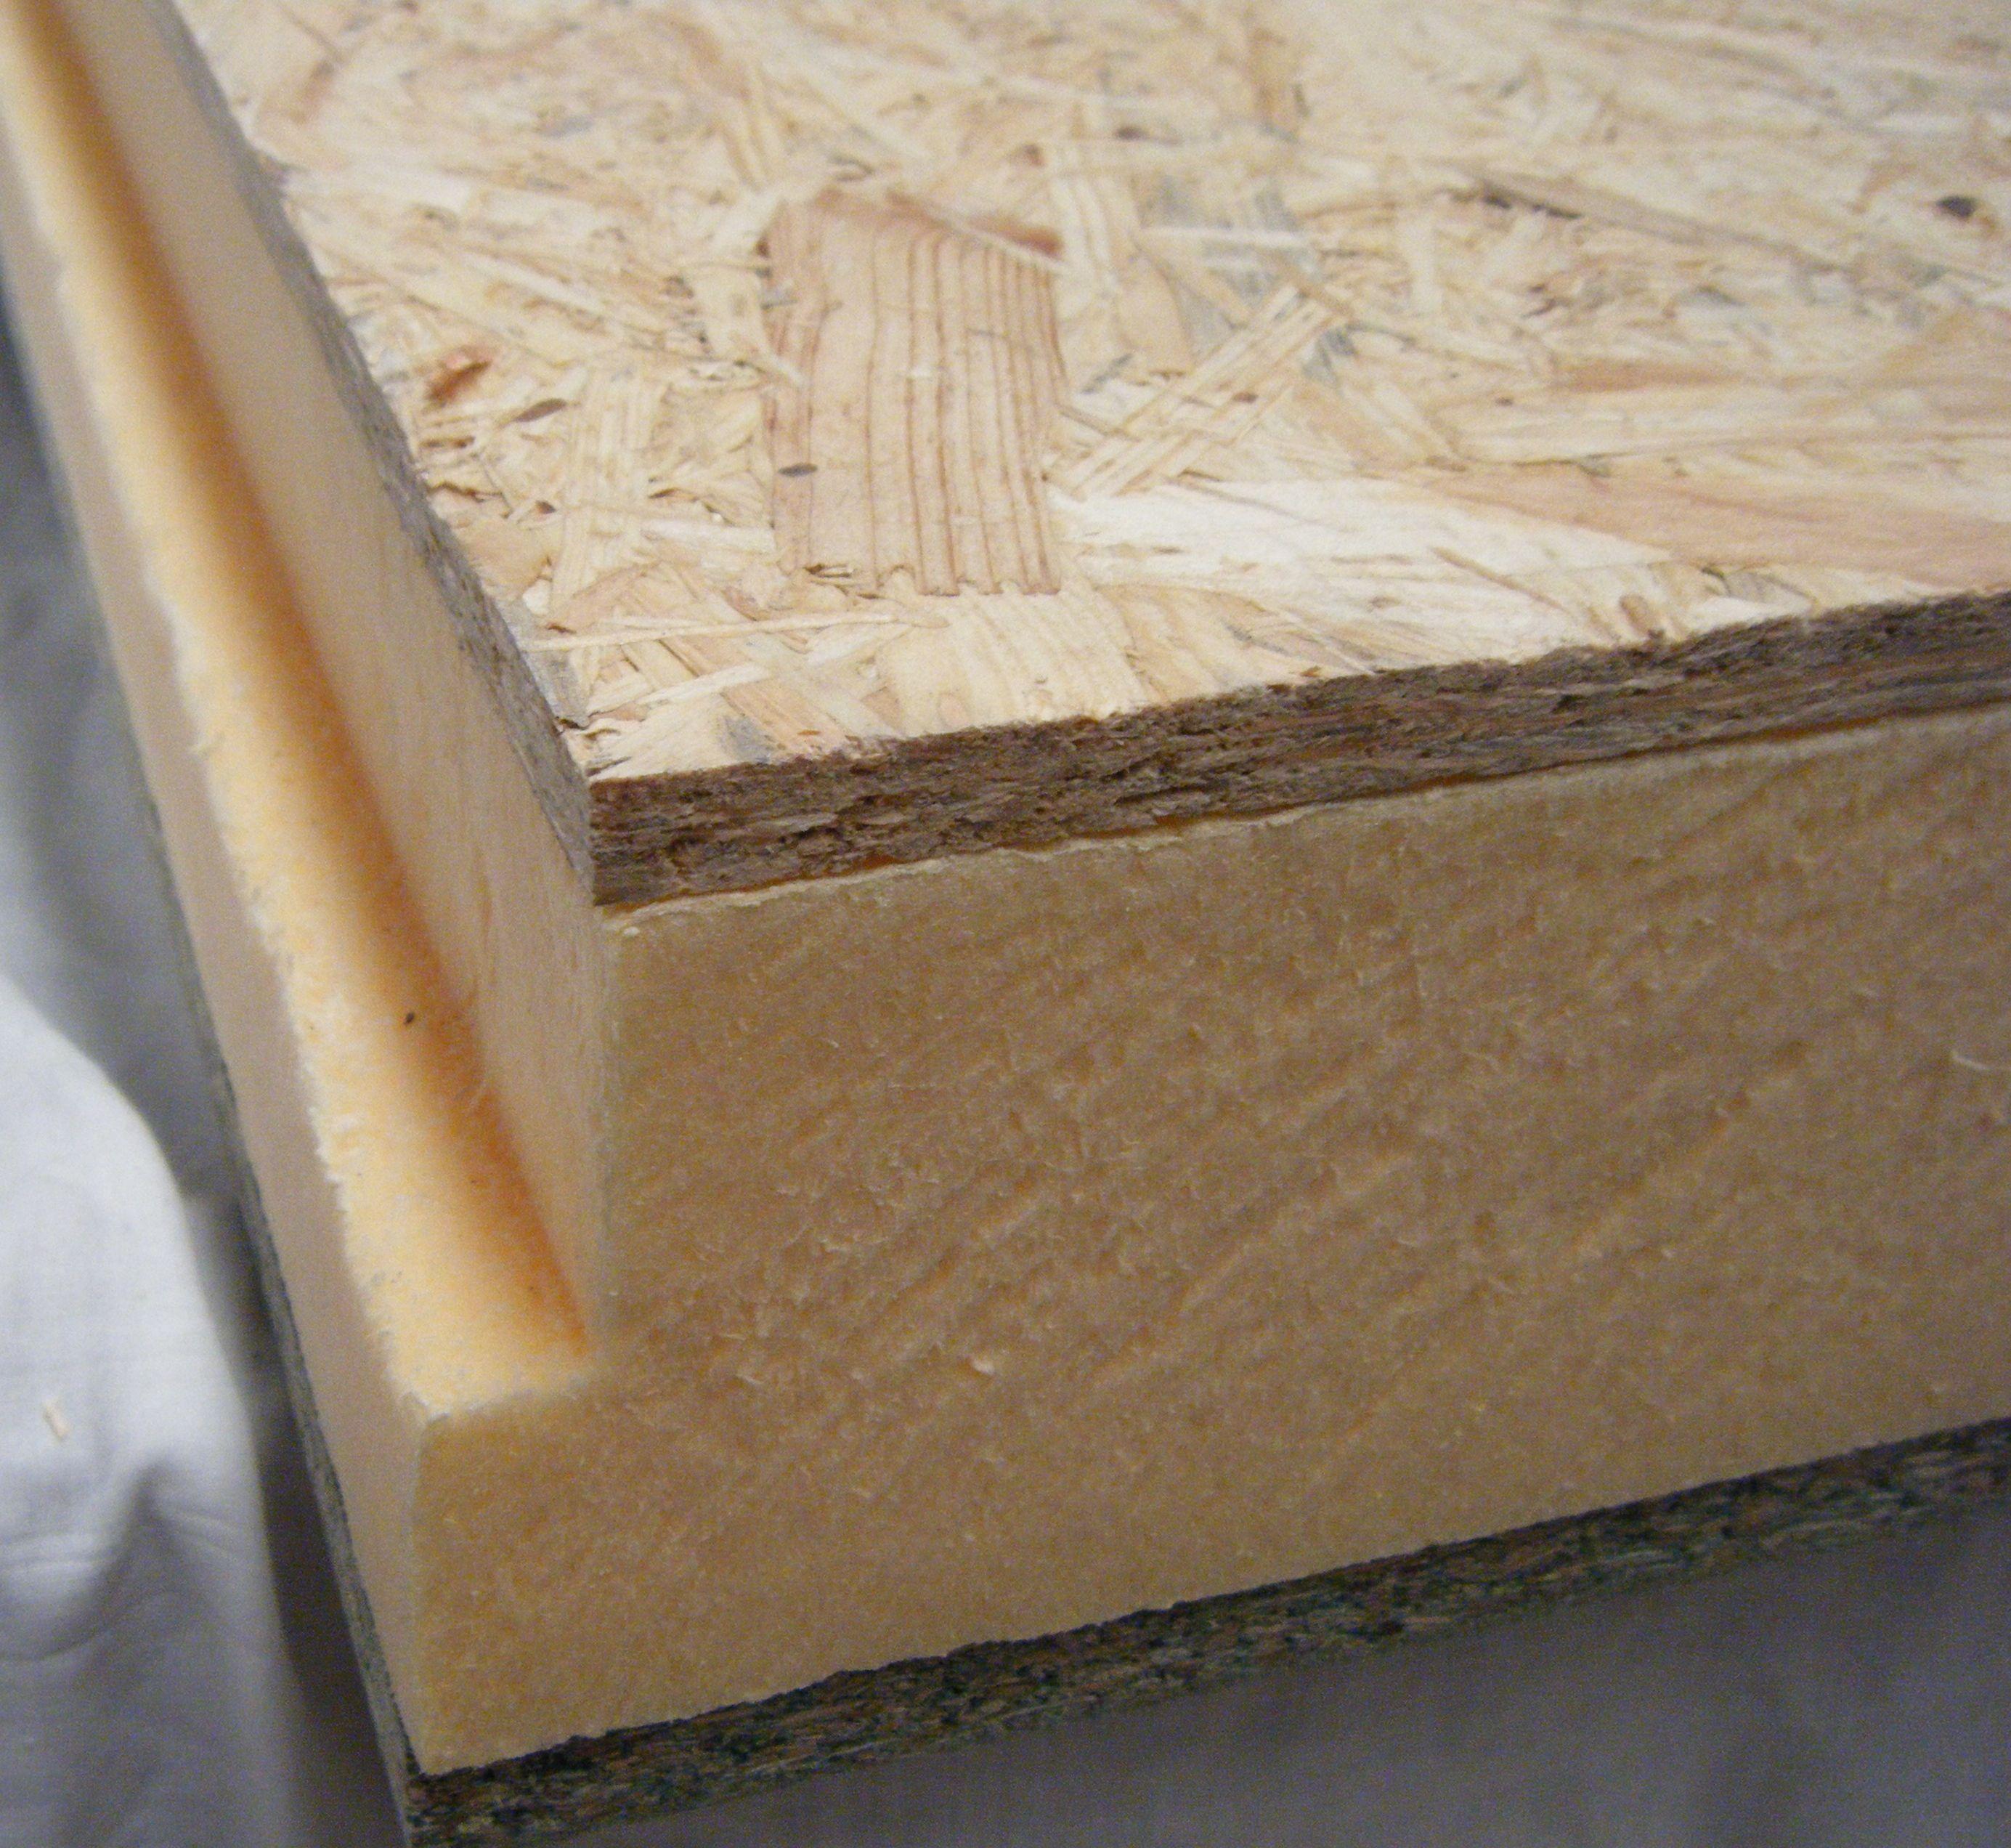 lopez panel painel est gio painel do telhado do sandwich. Black Bedroom Furniture Sets. Home Design Ideas